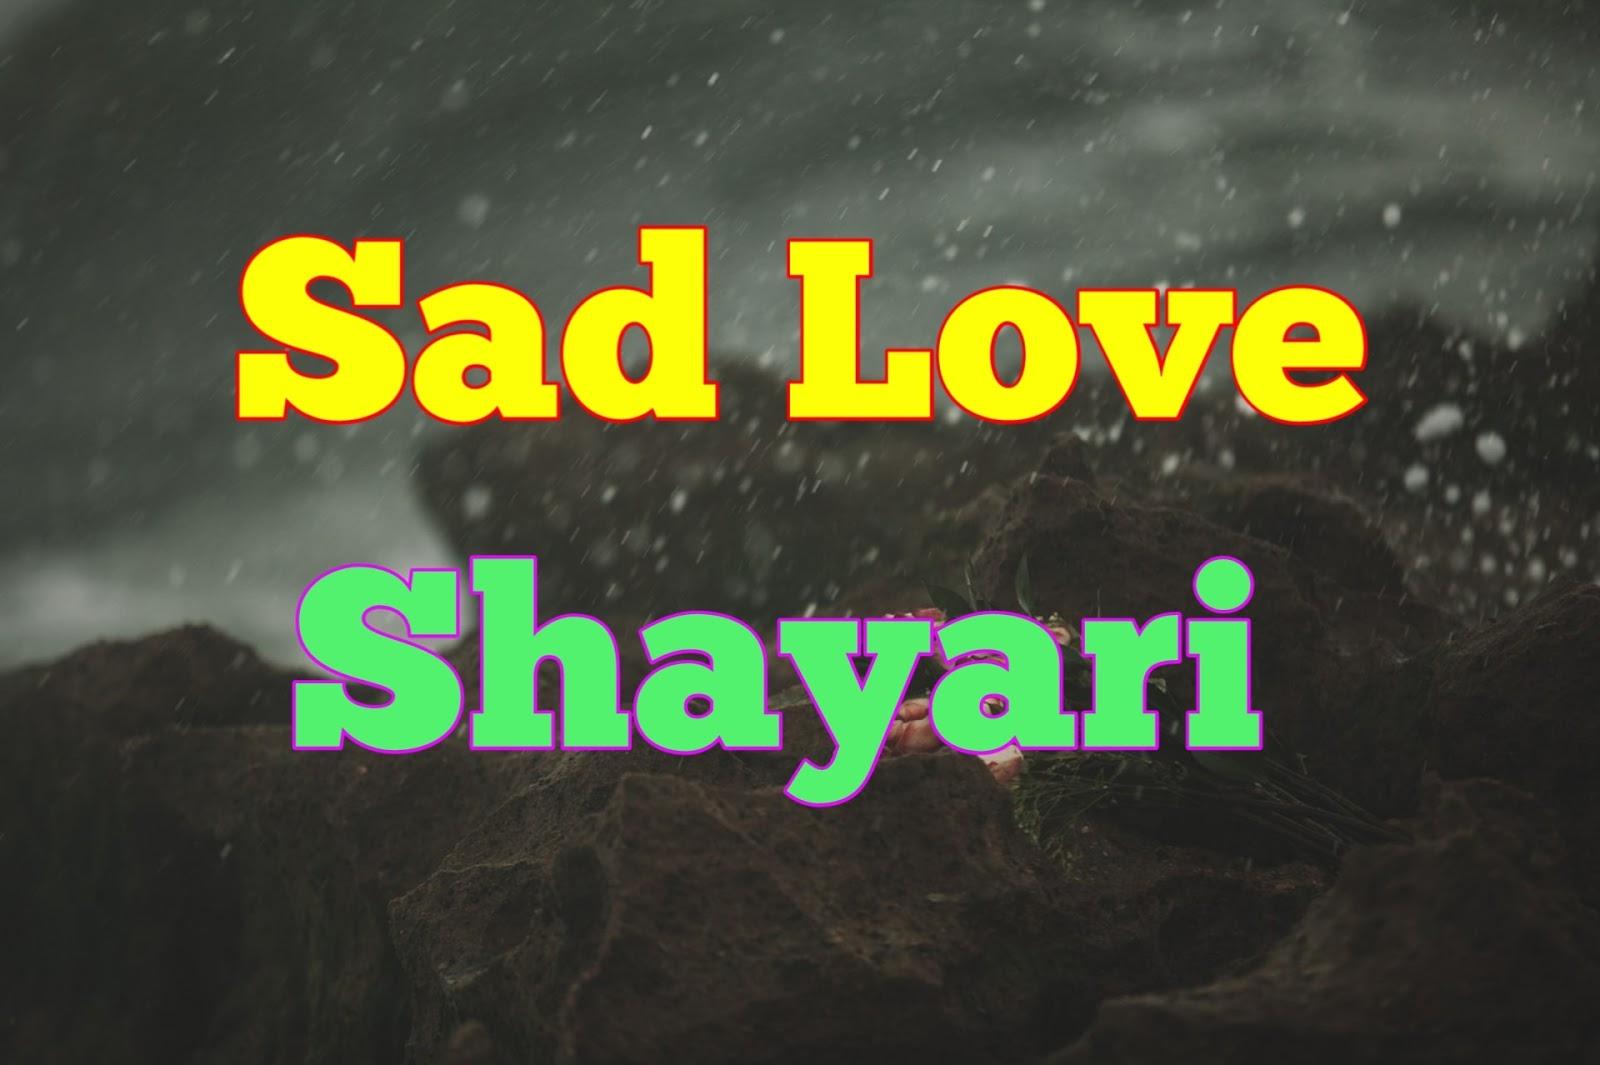 Sad Love Shayari Hindi image for Boyfriend and Girlfriend